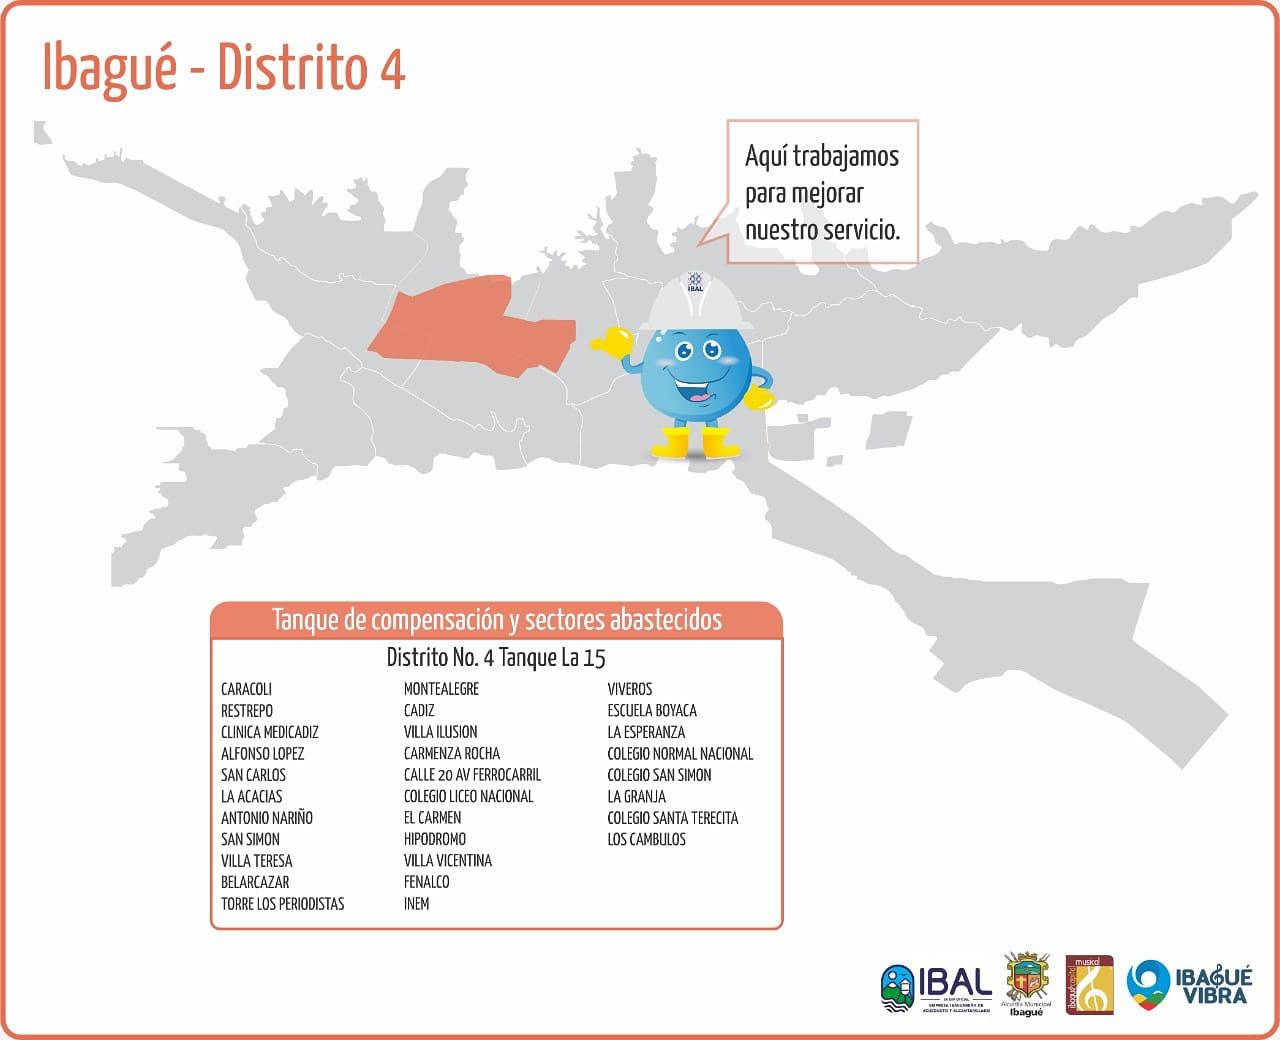 Cerca de 30 barrios de Ibagué se quedarán sin agua este domingo 4